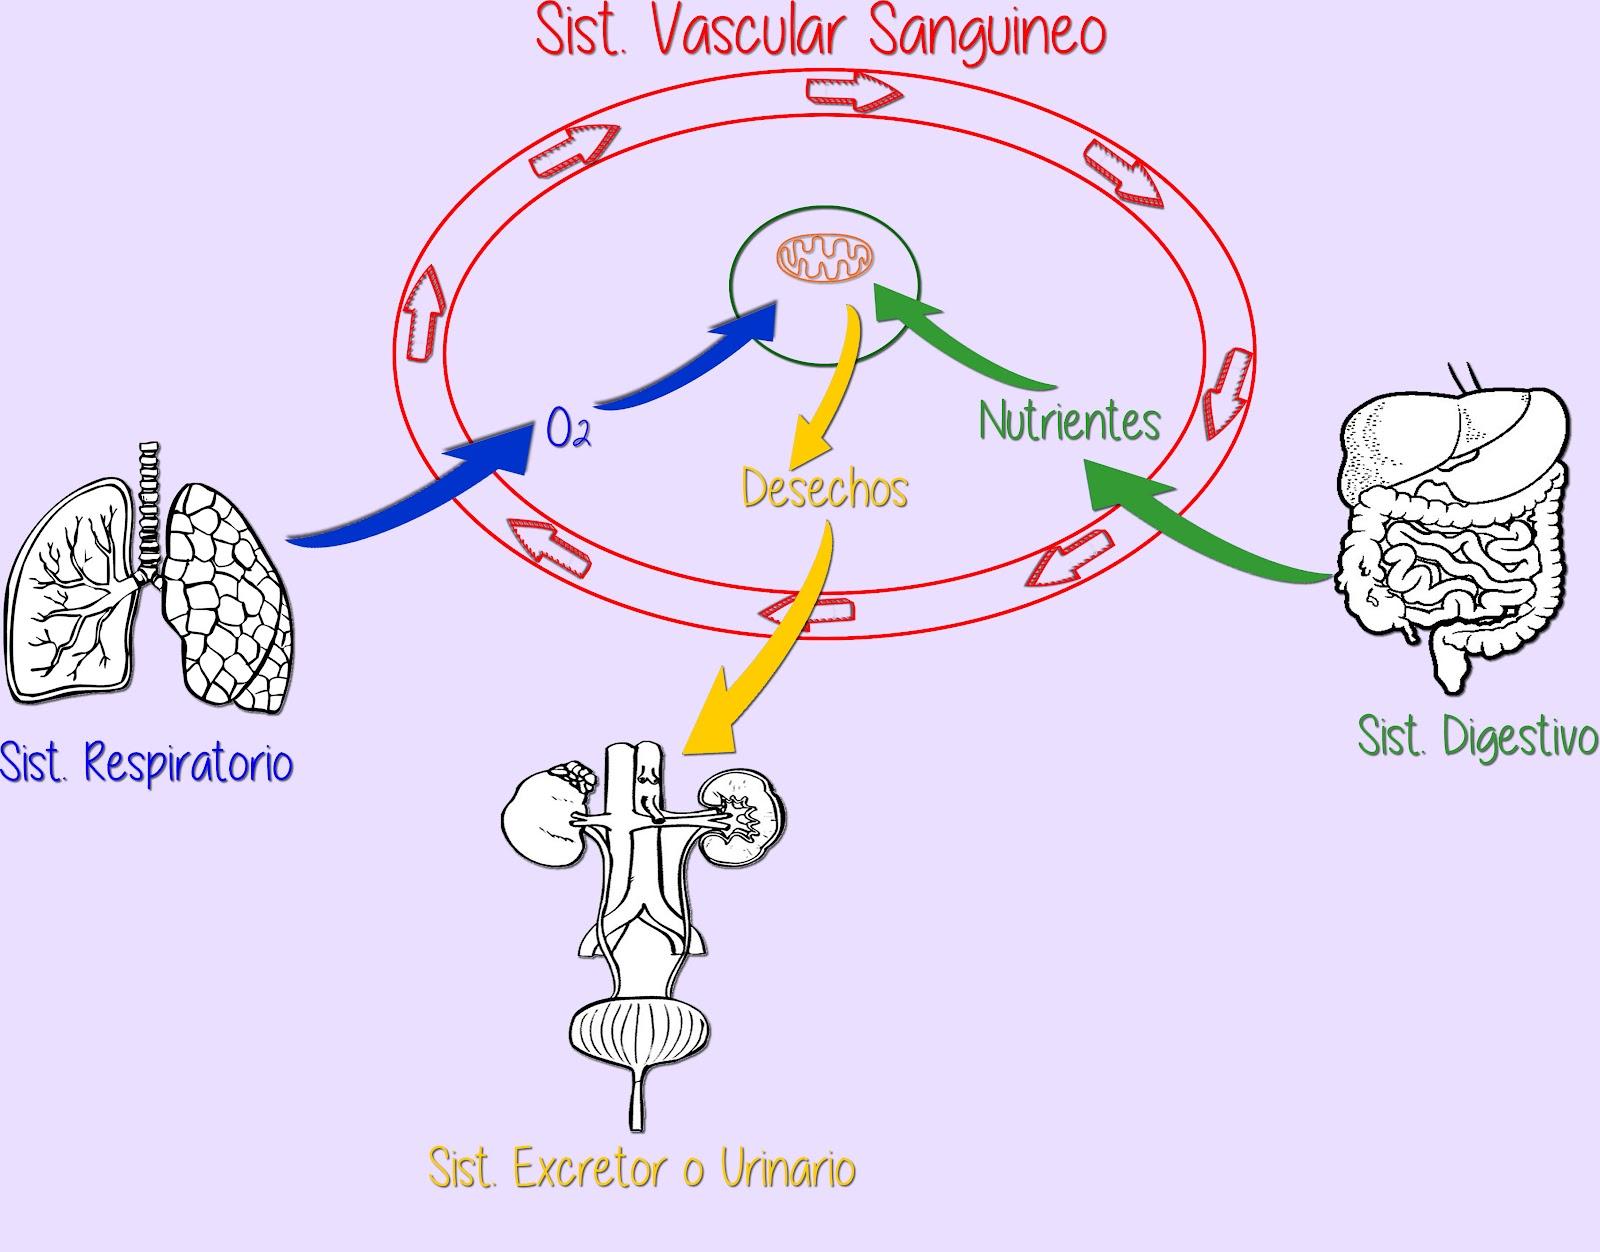 Circuito Sanguineo : Cate: el sistema vascular sanguíneo en acción